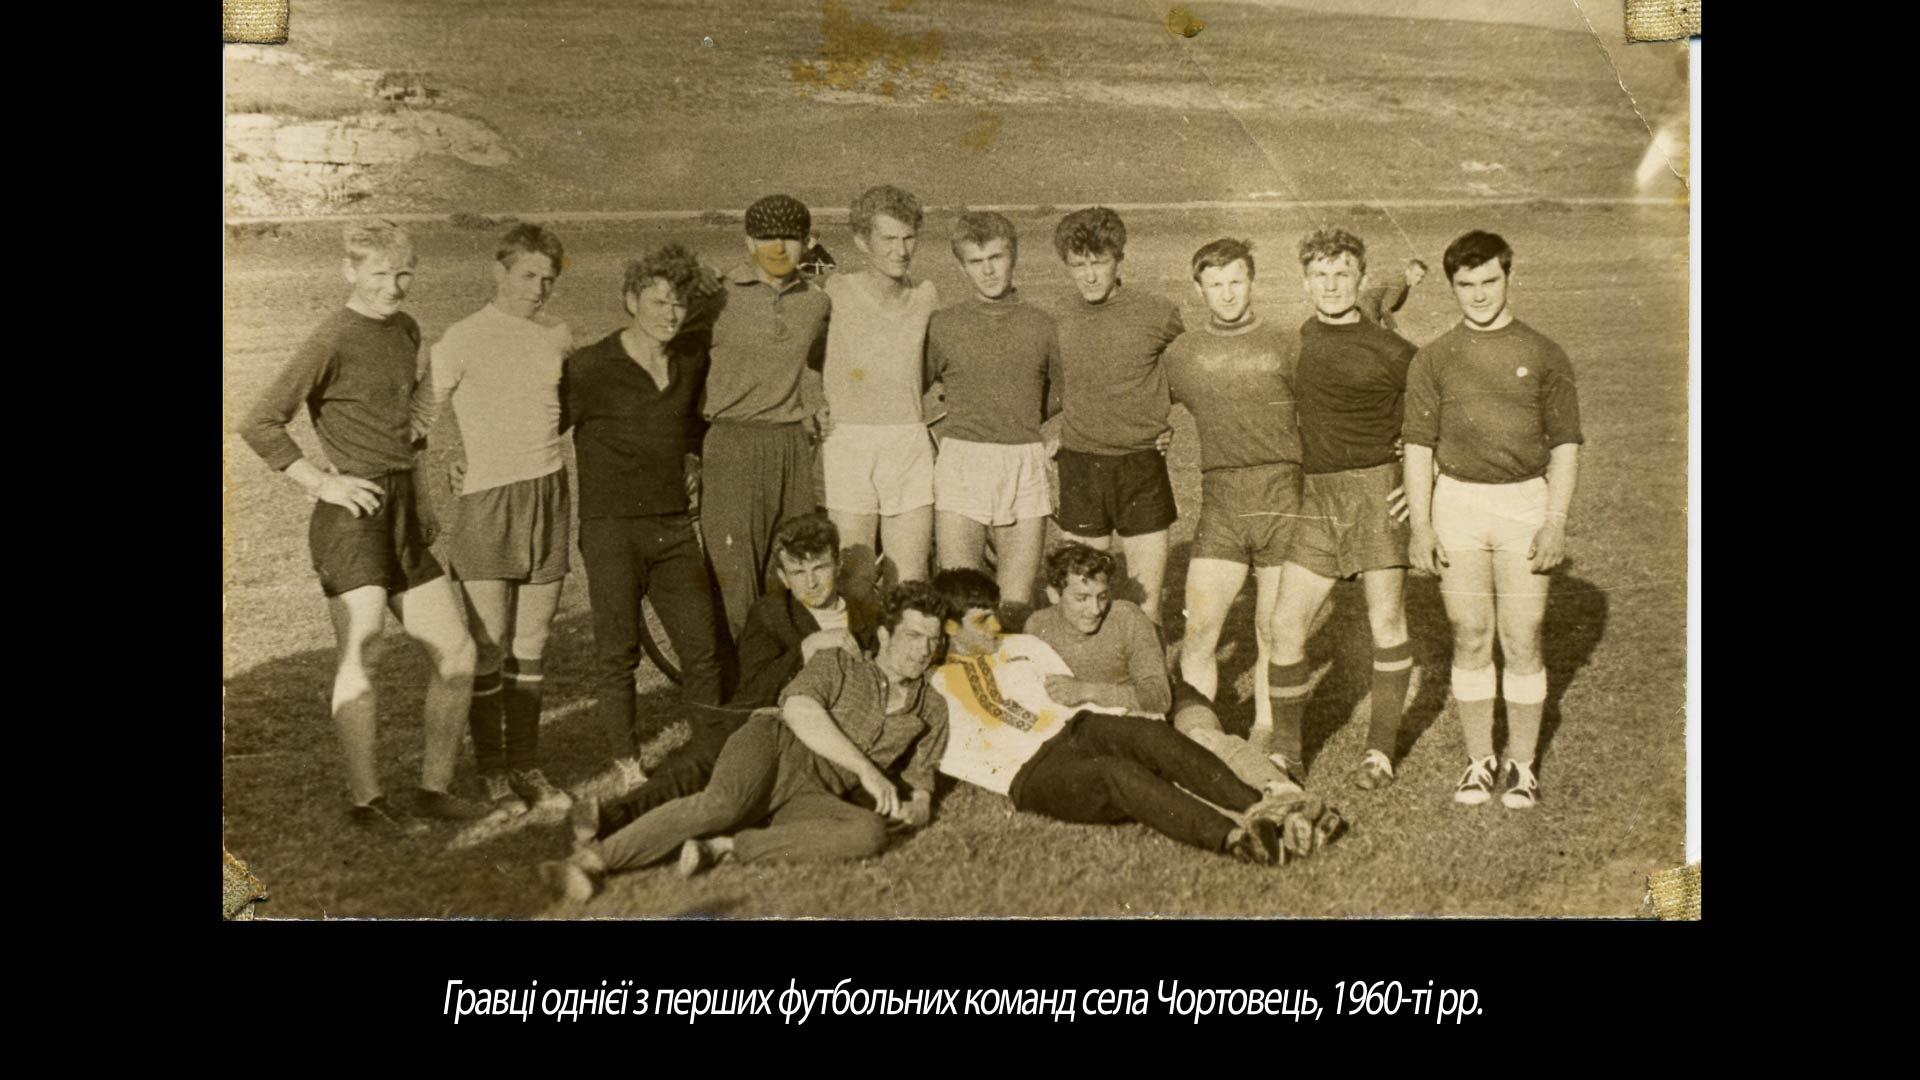 Гравці однієї з перших футбольних команд села Чортовець, 1960-ті рр.